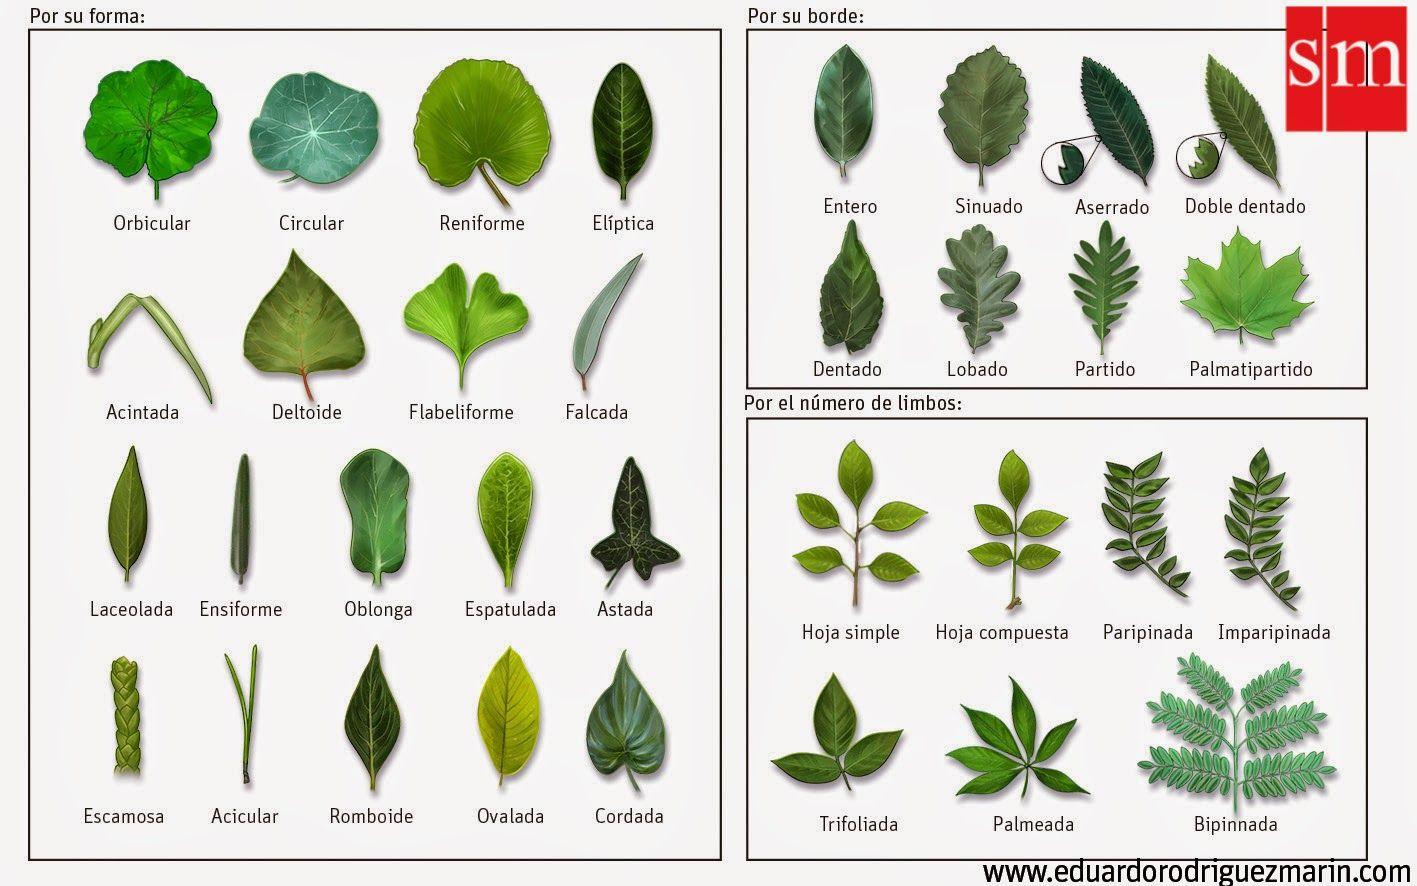 Plantas hojas naturales artesanias de de hojas de colombia for Arboles de hoja perenne con sus nombres